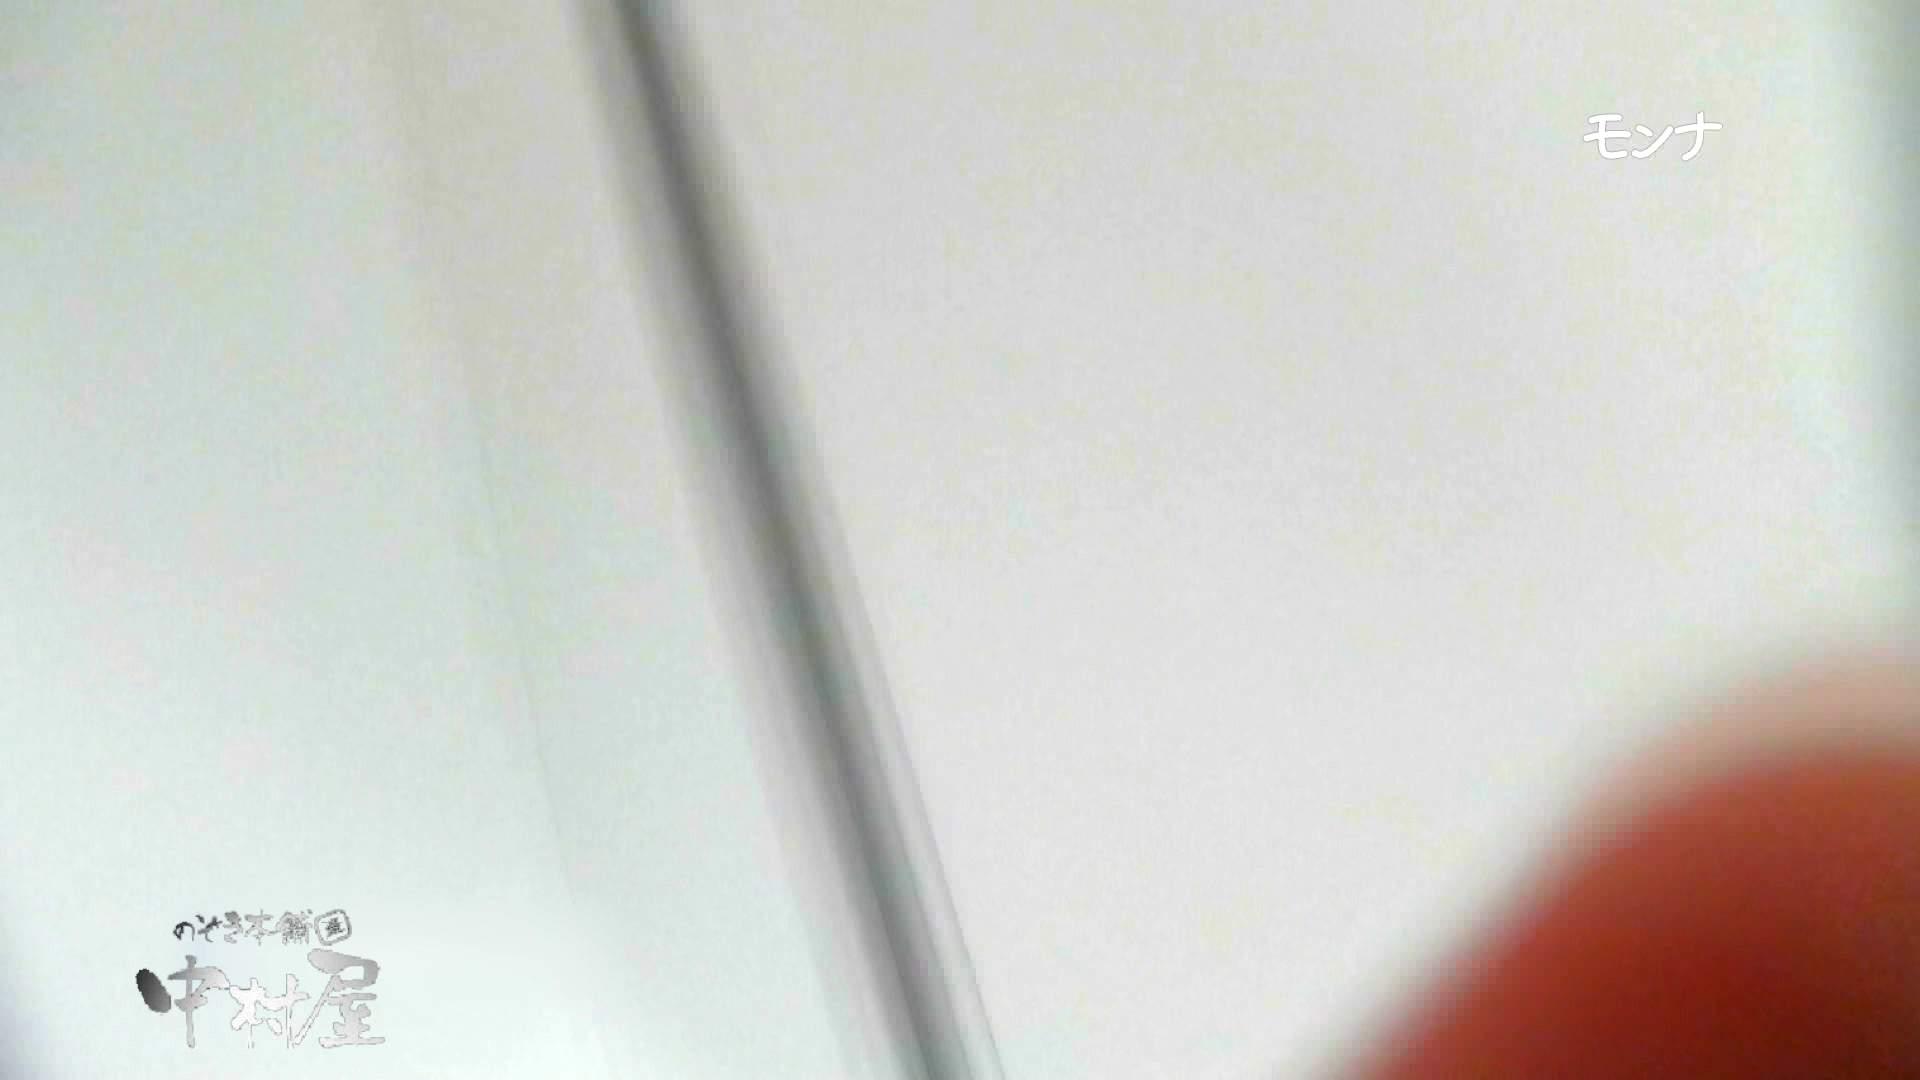 【美しい日本の未来】遂に!!戸田恵梨香似の予告モデル登場ダッシュで「大」後編 おまんこ無修正  59画像 6